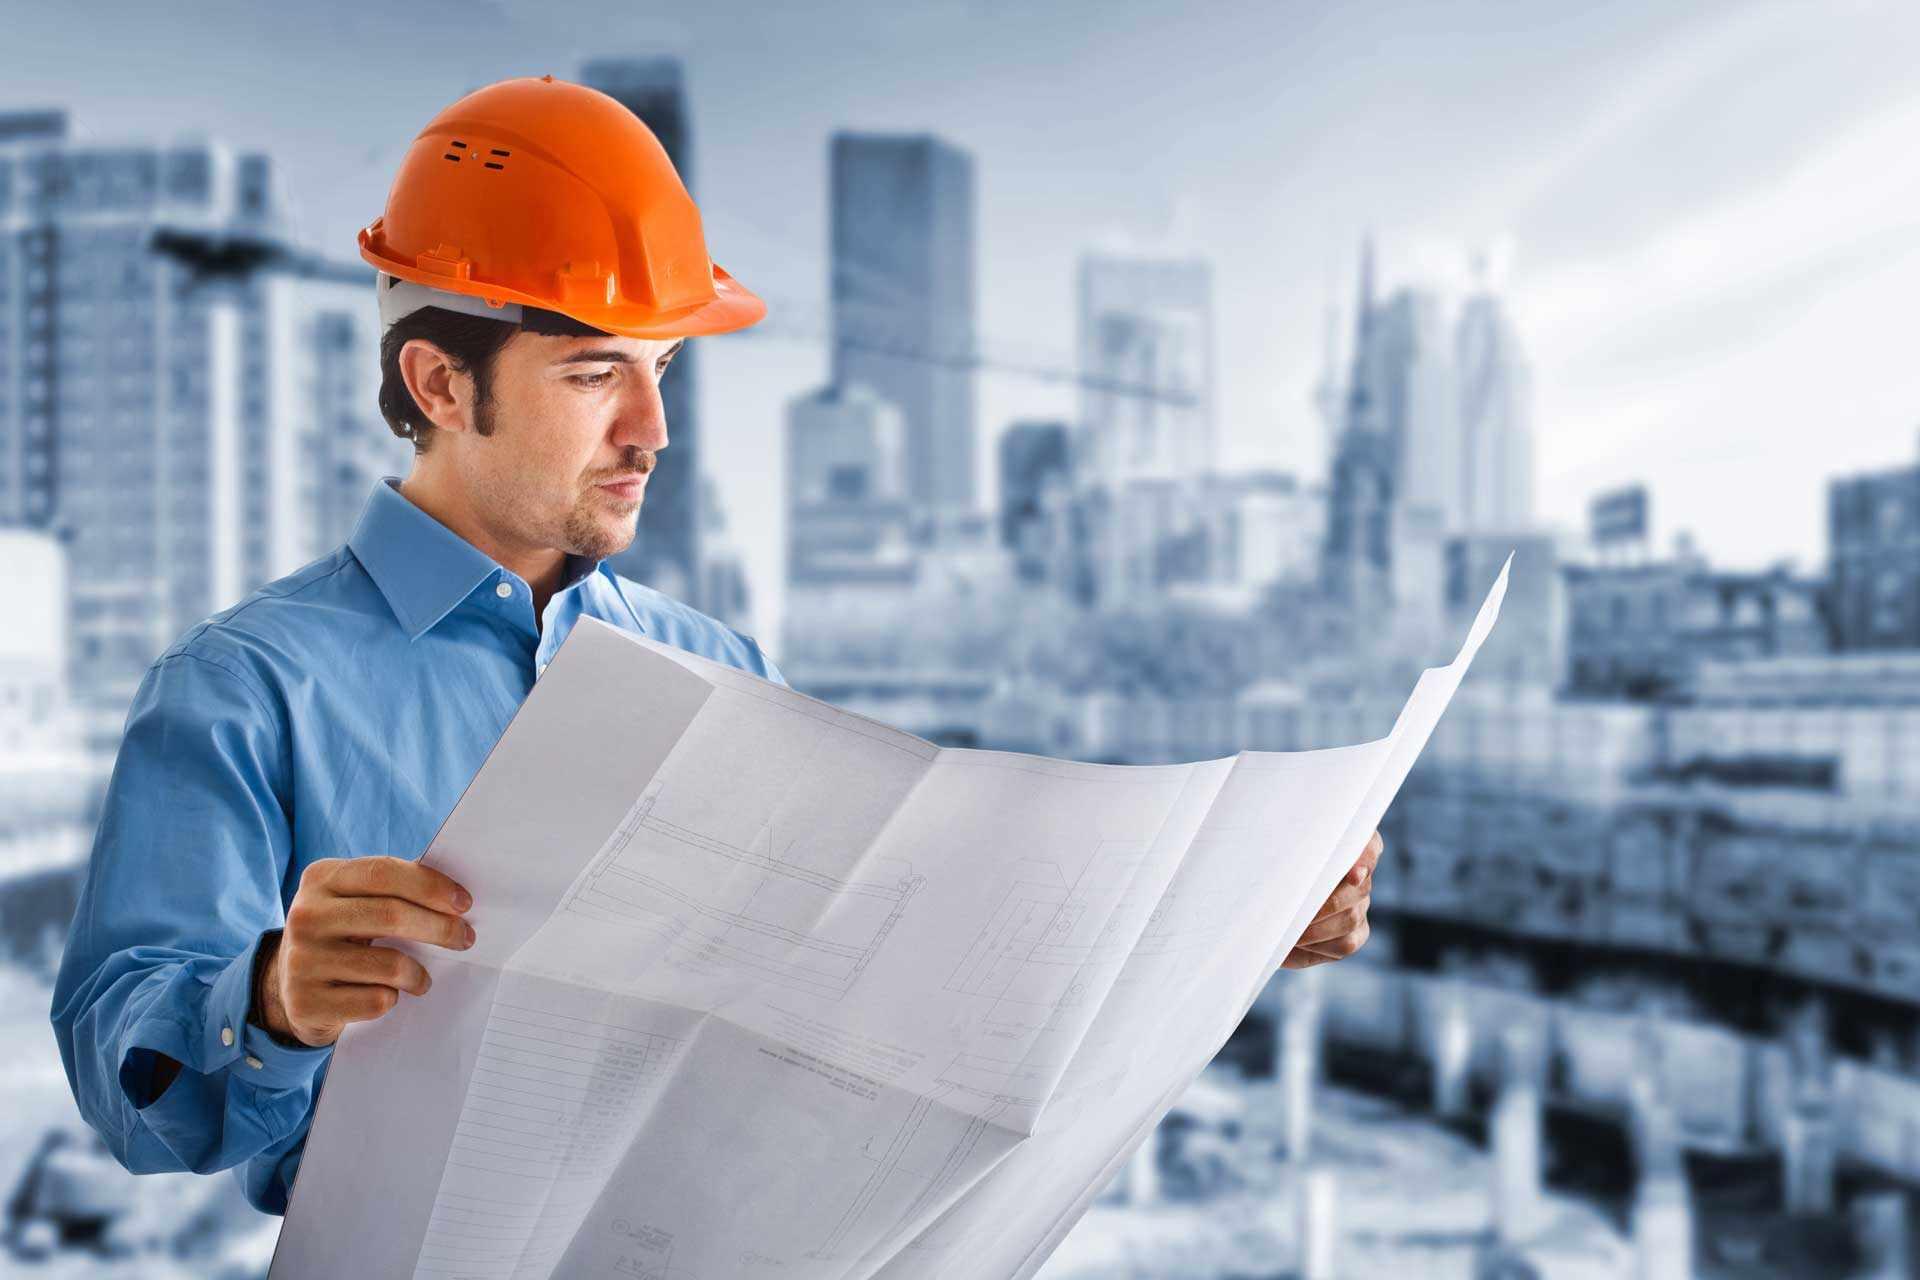 Инженер производственно-технического отдела занимается созданием условий производства и строительства